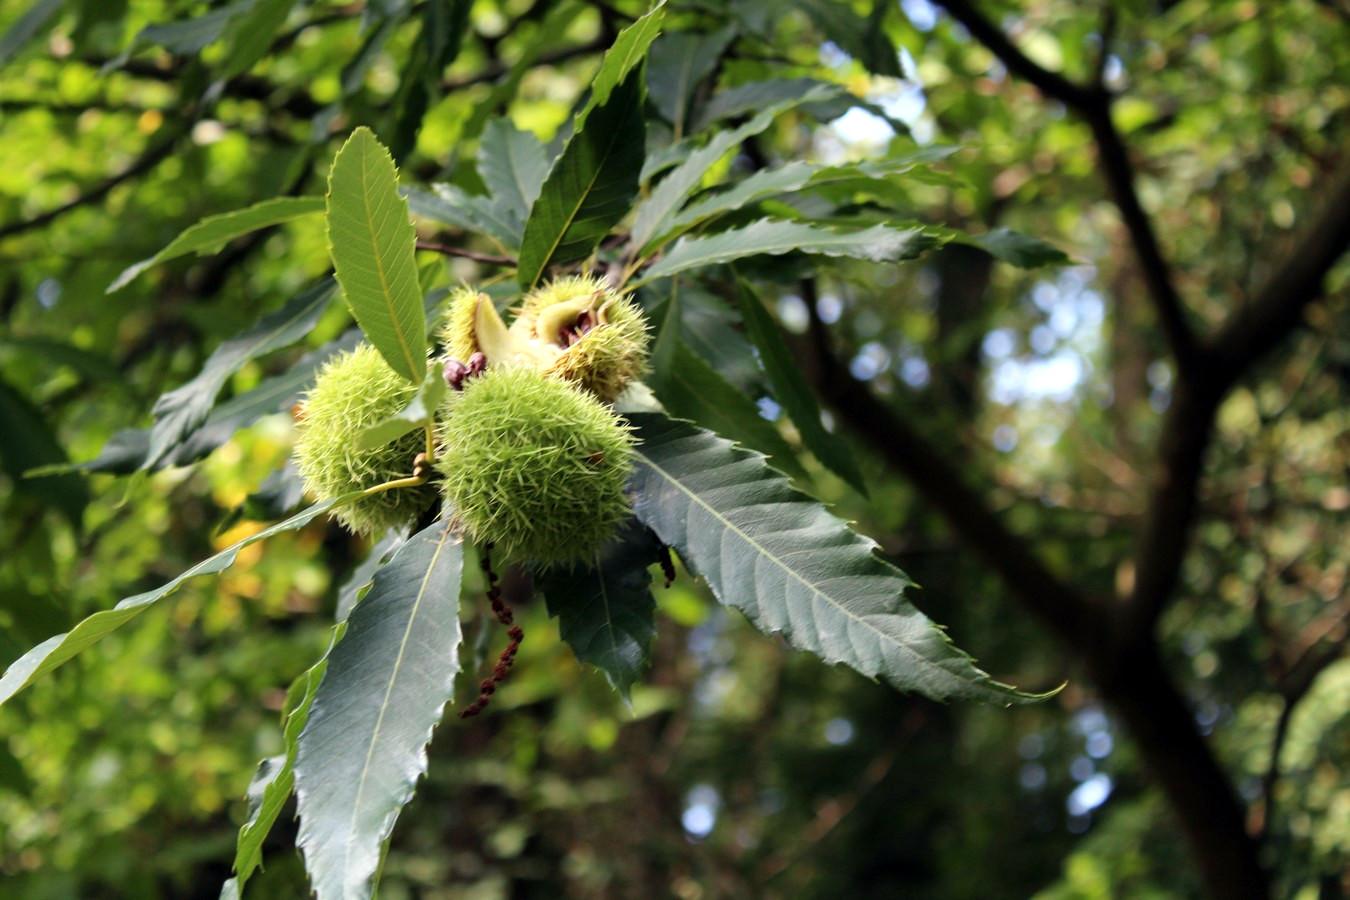 [Fil ouvert] Fruit sur l'arbre - Page 9 593383004Copier